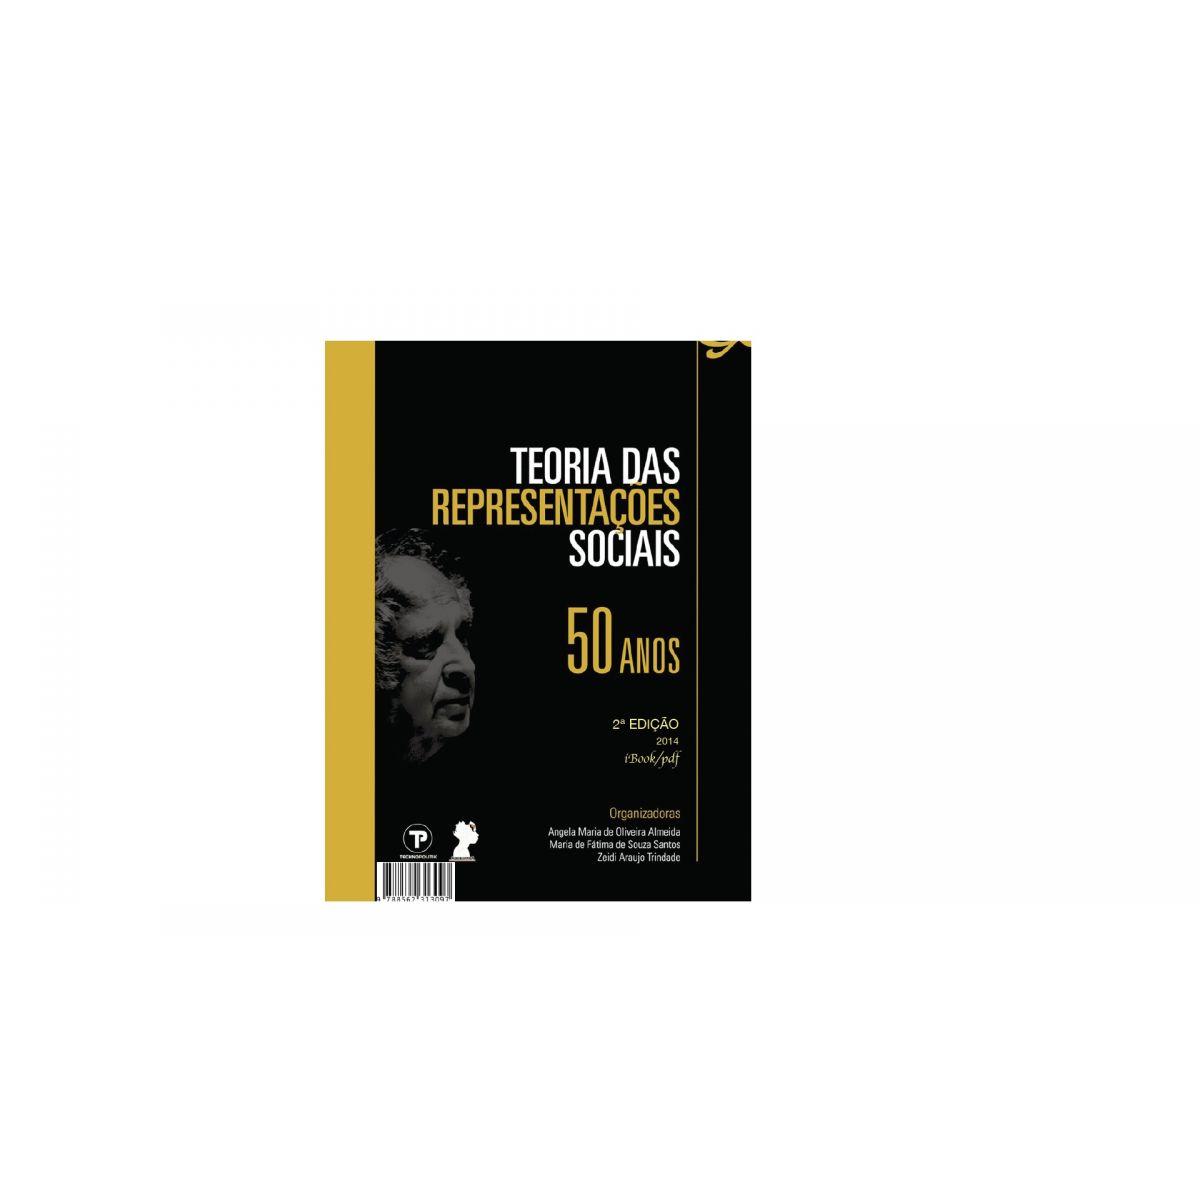 Teoria das Representações Sociais: 50 anos, 2ª edição, GRATIS eBook  - Technopolitik